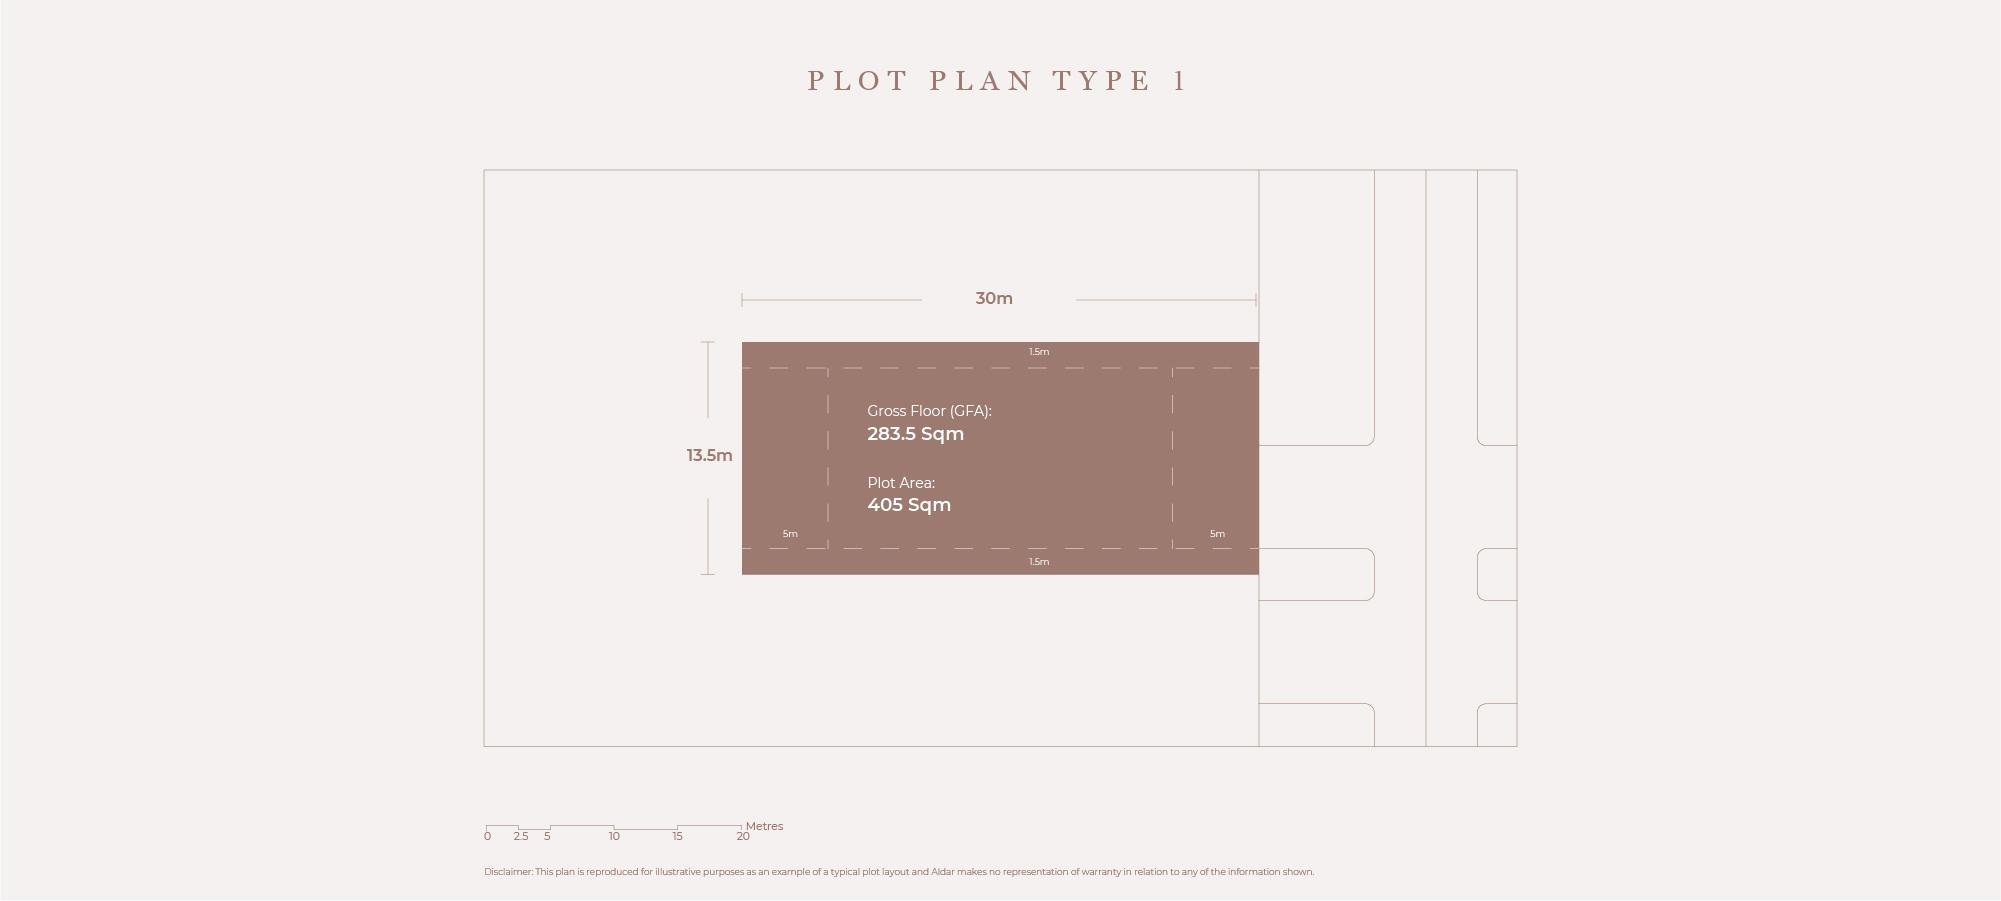 Plots Plan Type 1, Size 405 Sqm